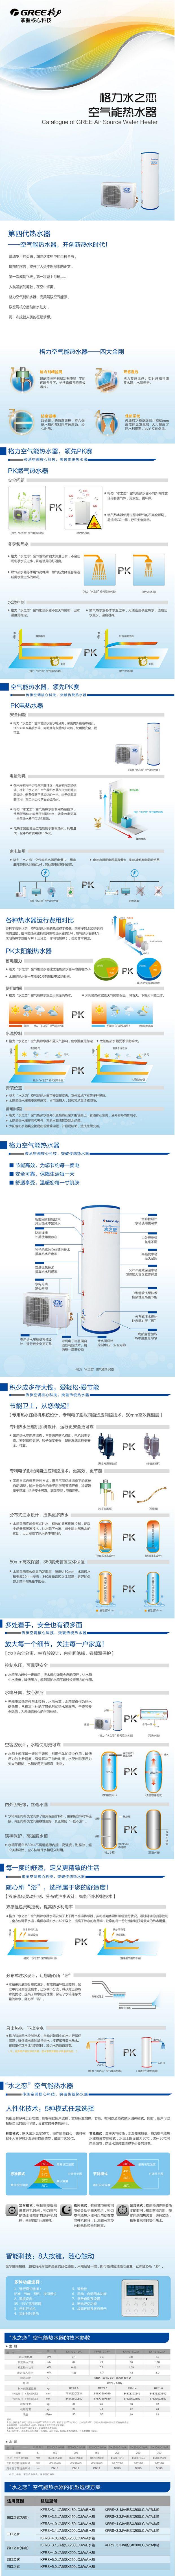 格力水之恋家用热水器